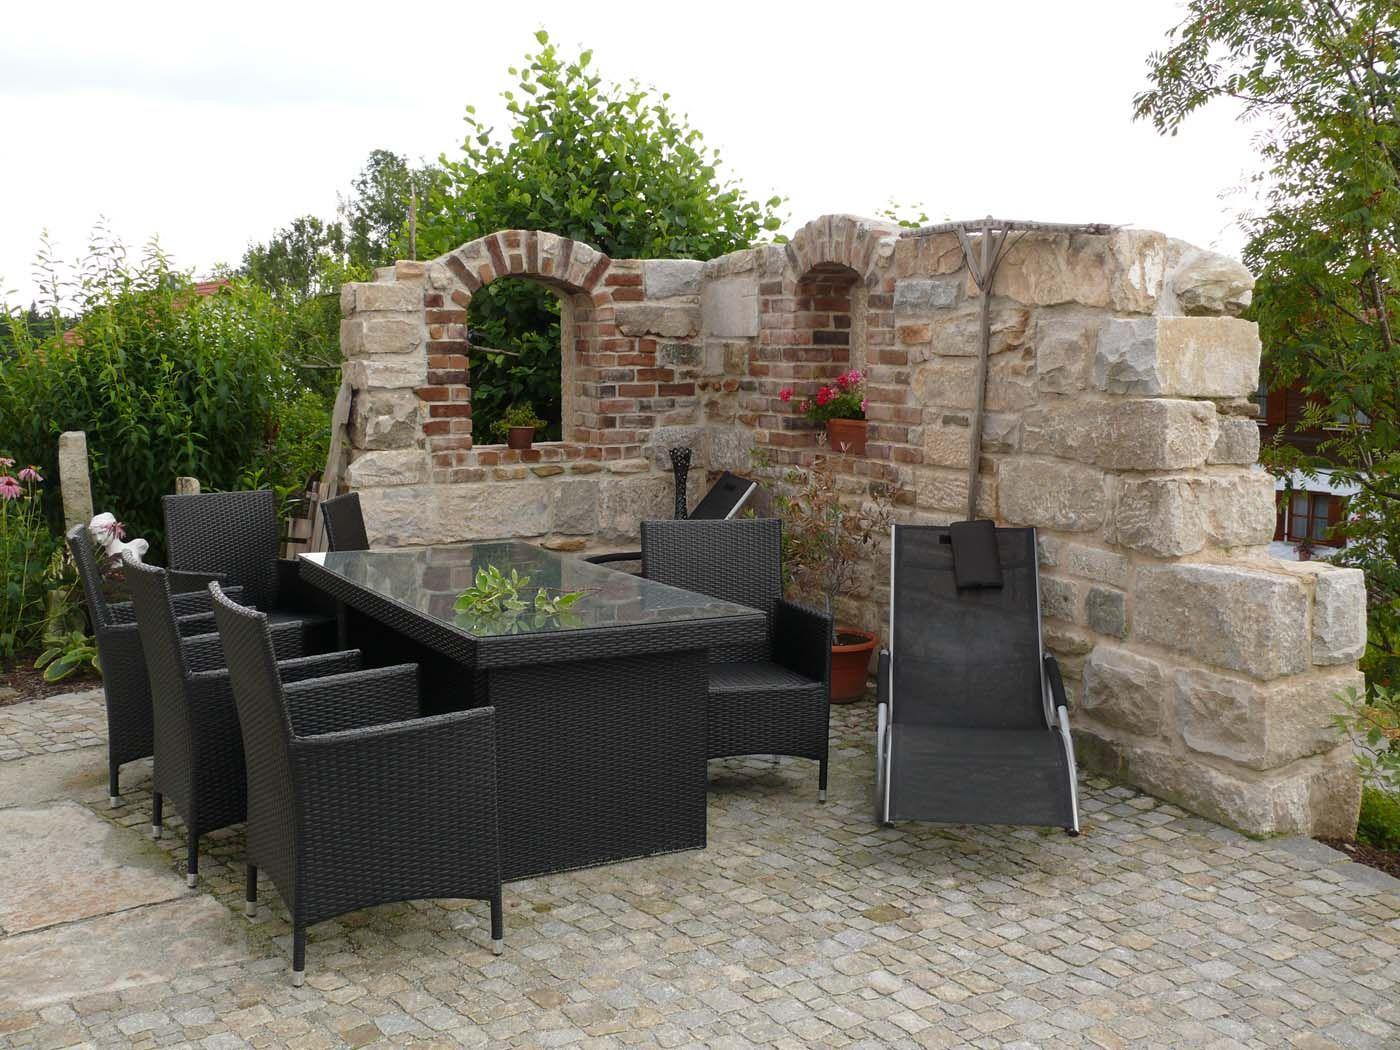 mauer trockenmauer stein gartengestaltung gartenbau reischl bayerischer wald garten. Black Bedroom Furniture Sets. Home Design Ideas